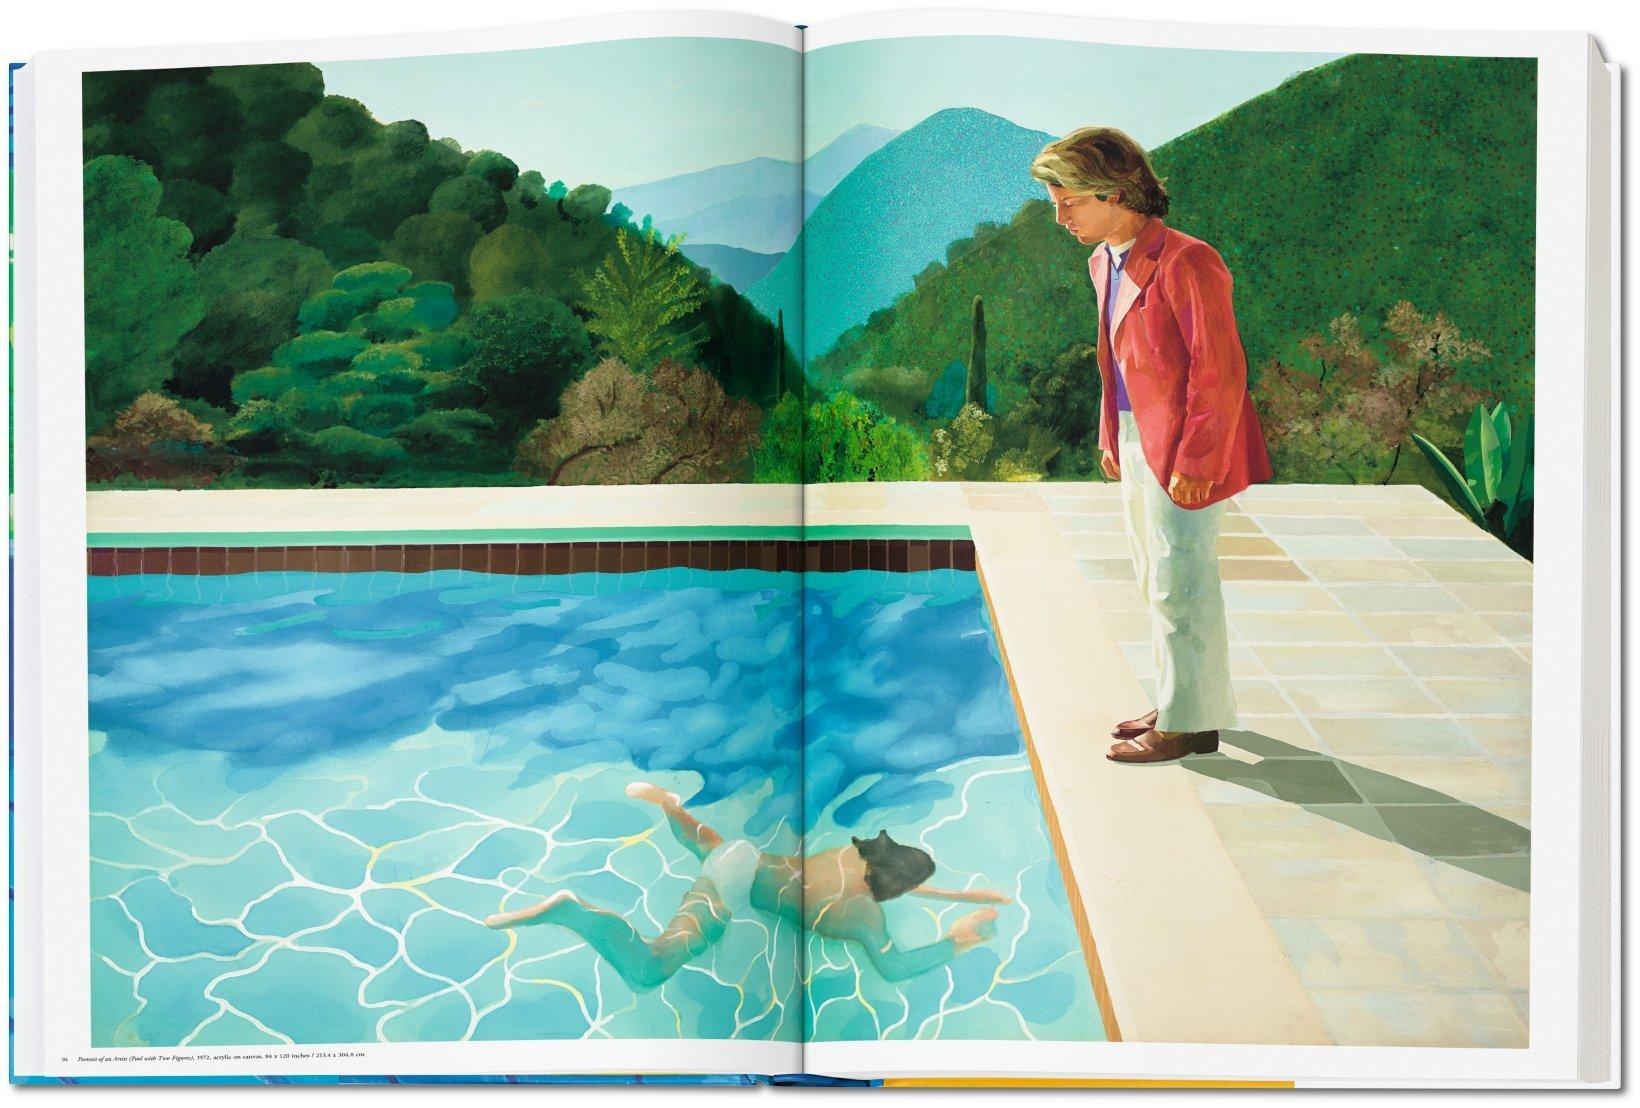 """Das Foto zeigt das Gemälde """"Portrait of an Artist (Pool with Two Figures), 1972"""" aus dem Buch: David Hockney - A Bigger Book, das im TASCHEN Verlag erschienen ist."""